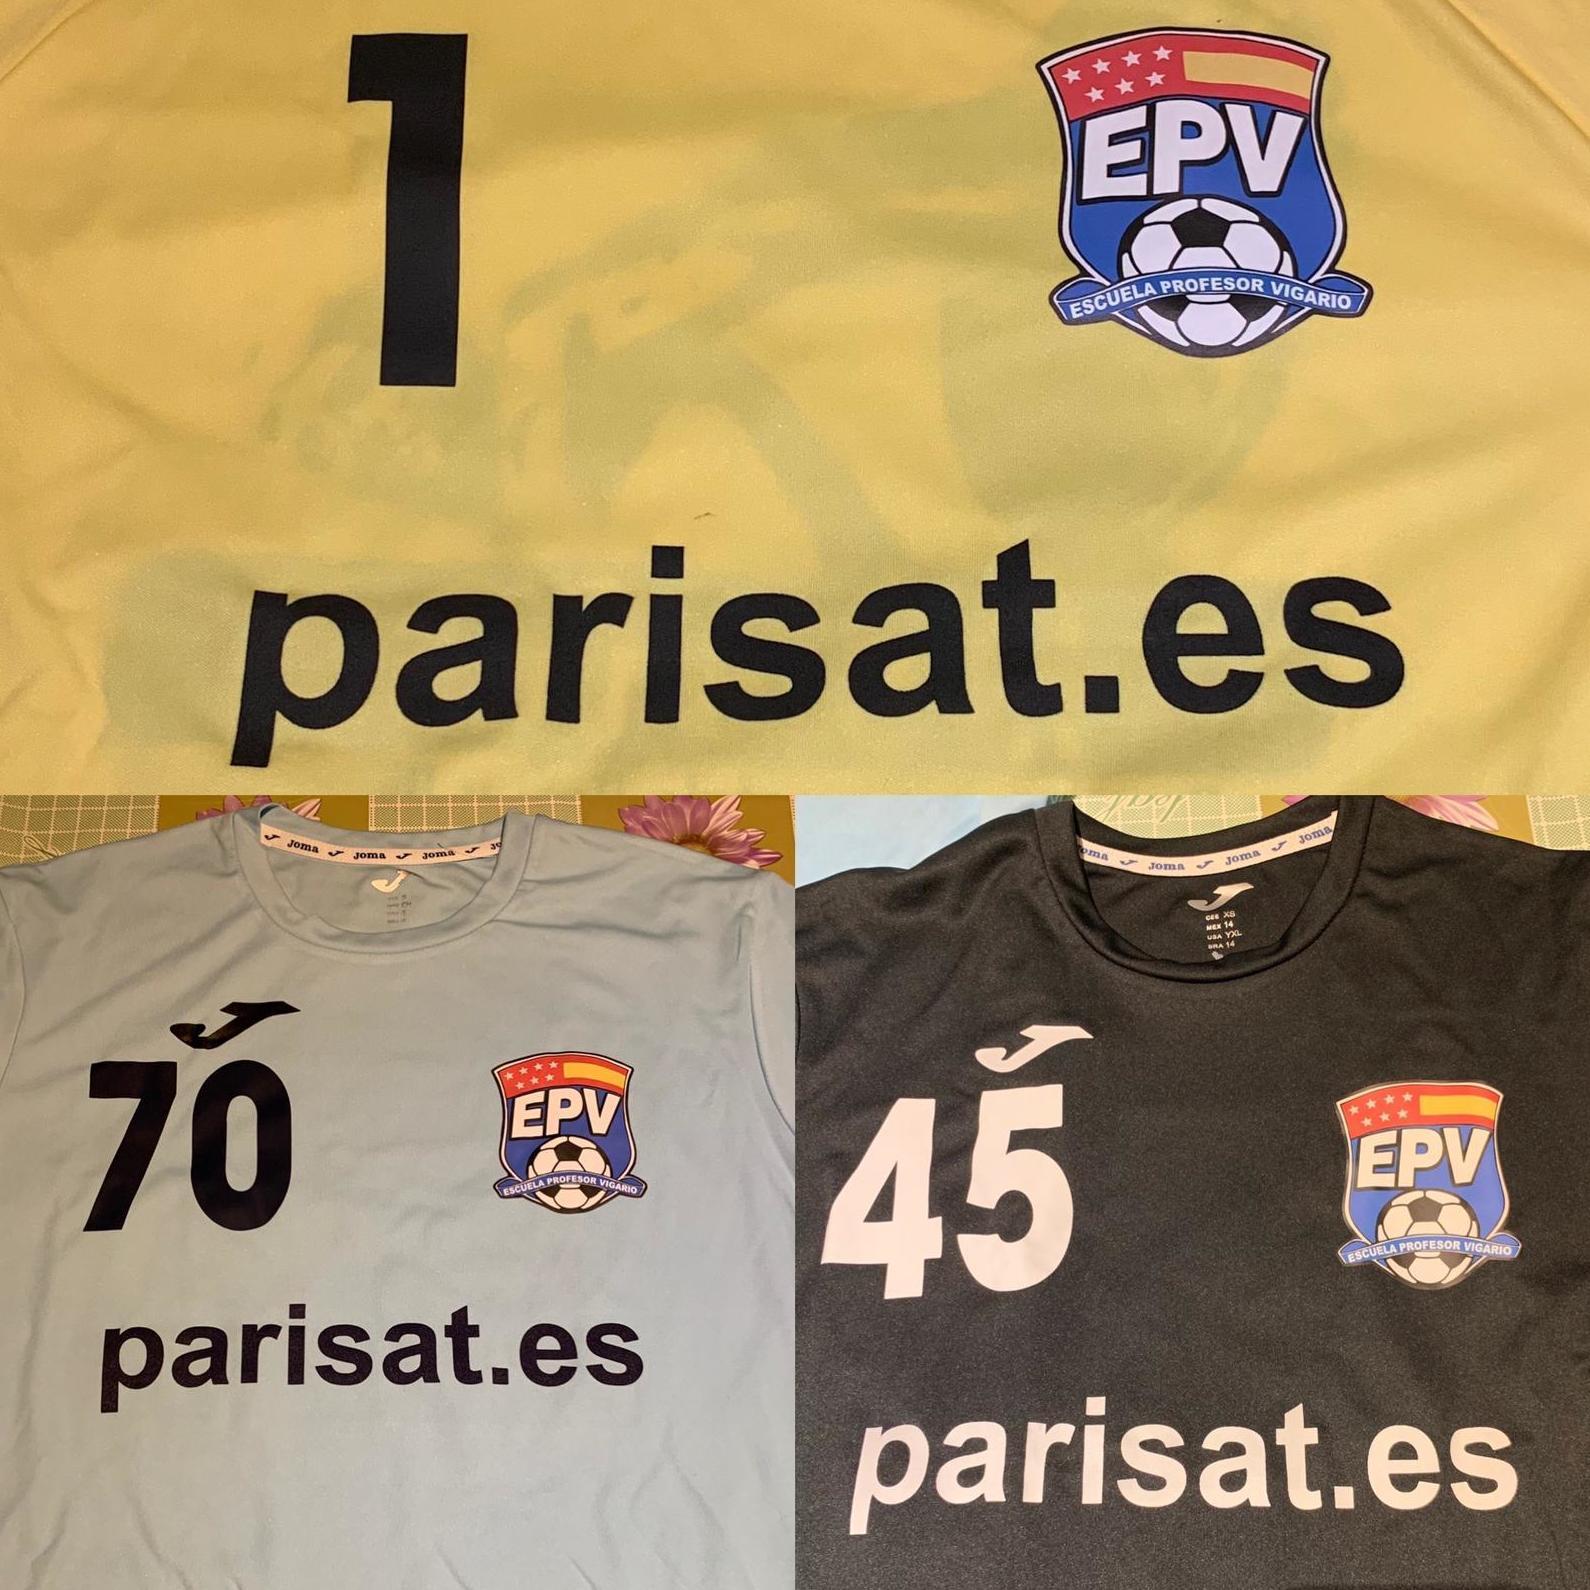 Patrocinio del equipo de fútbol de la Escuela Profesor Vigario